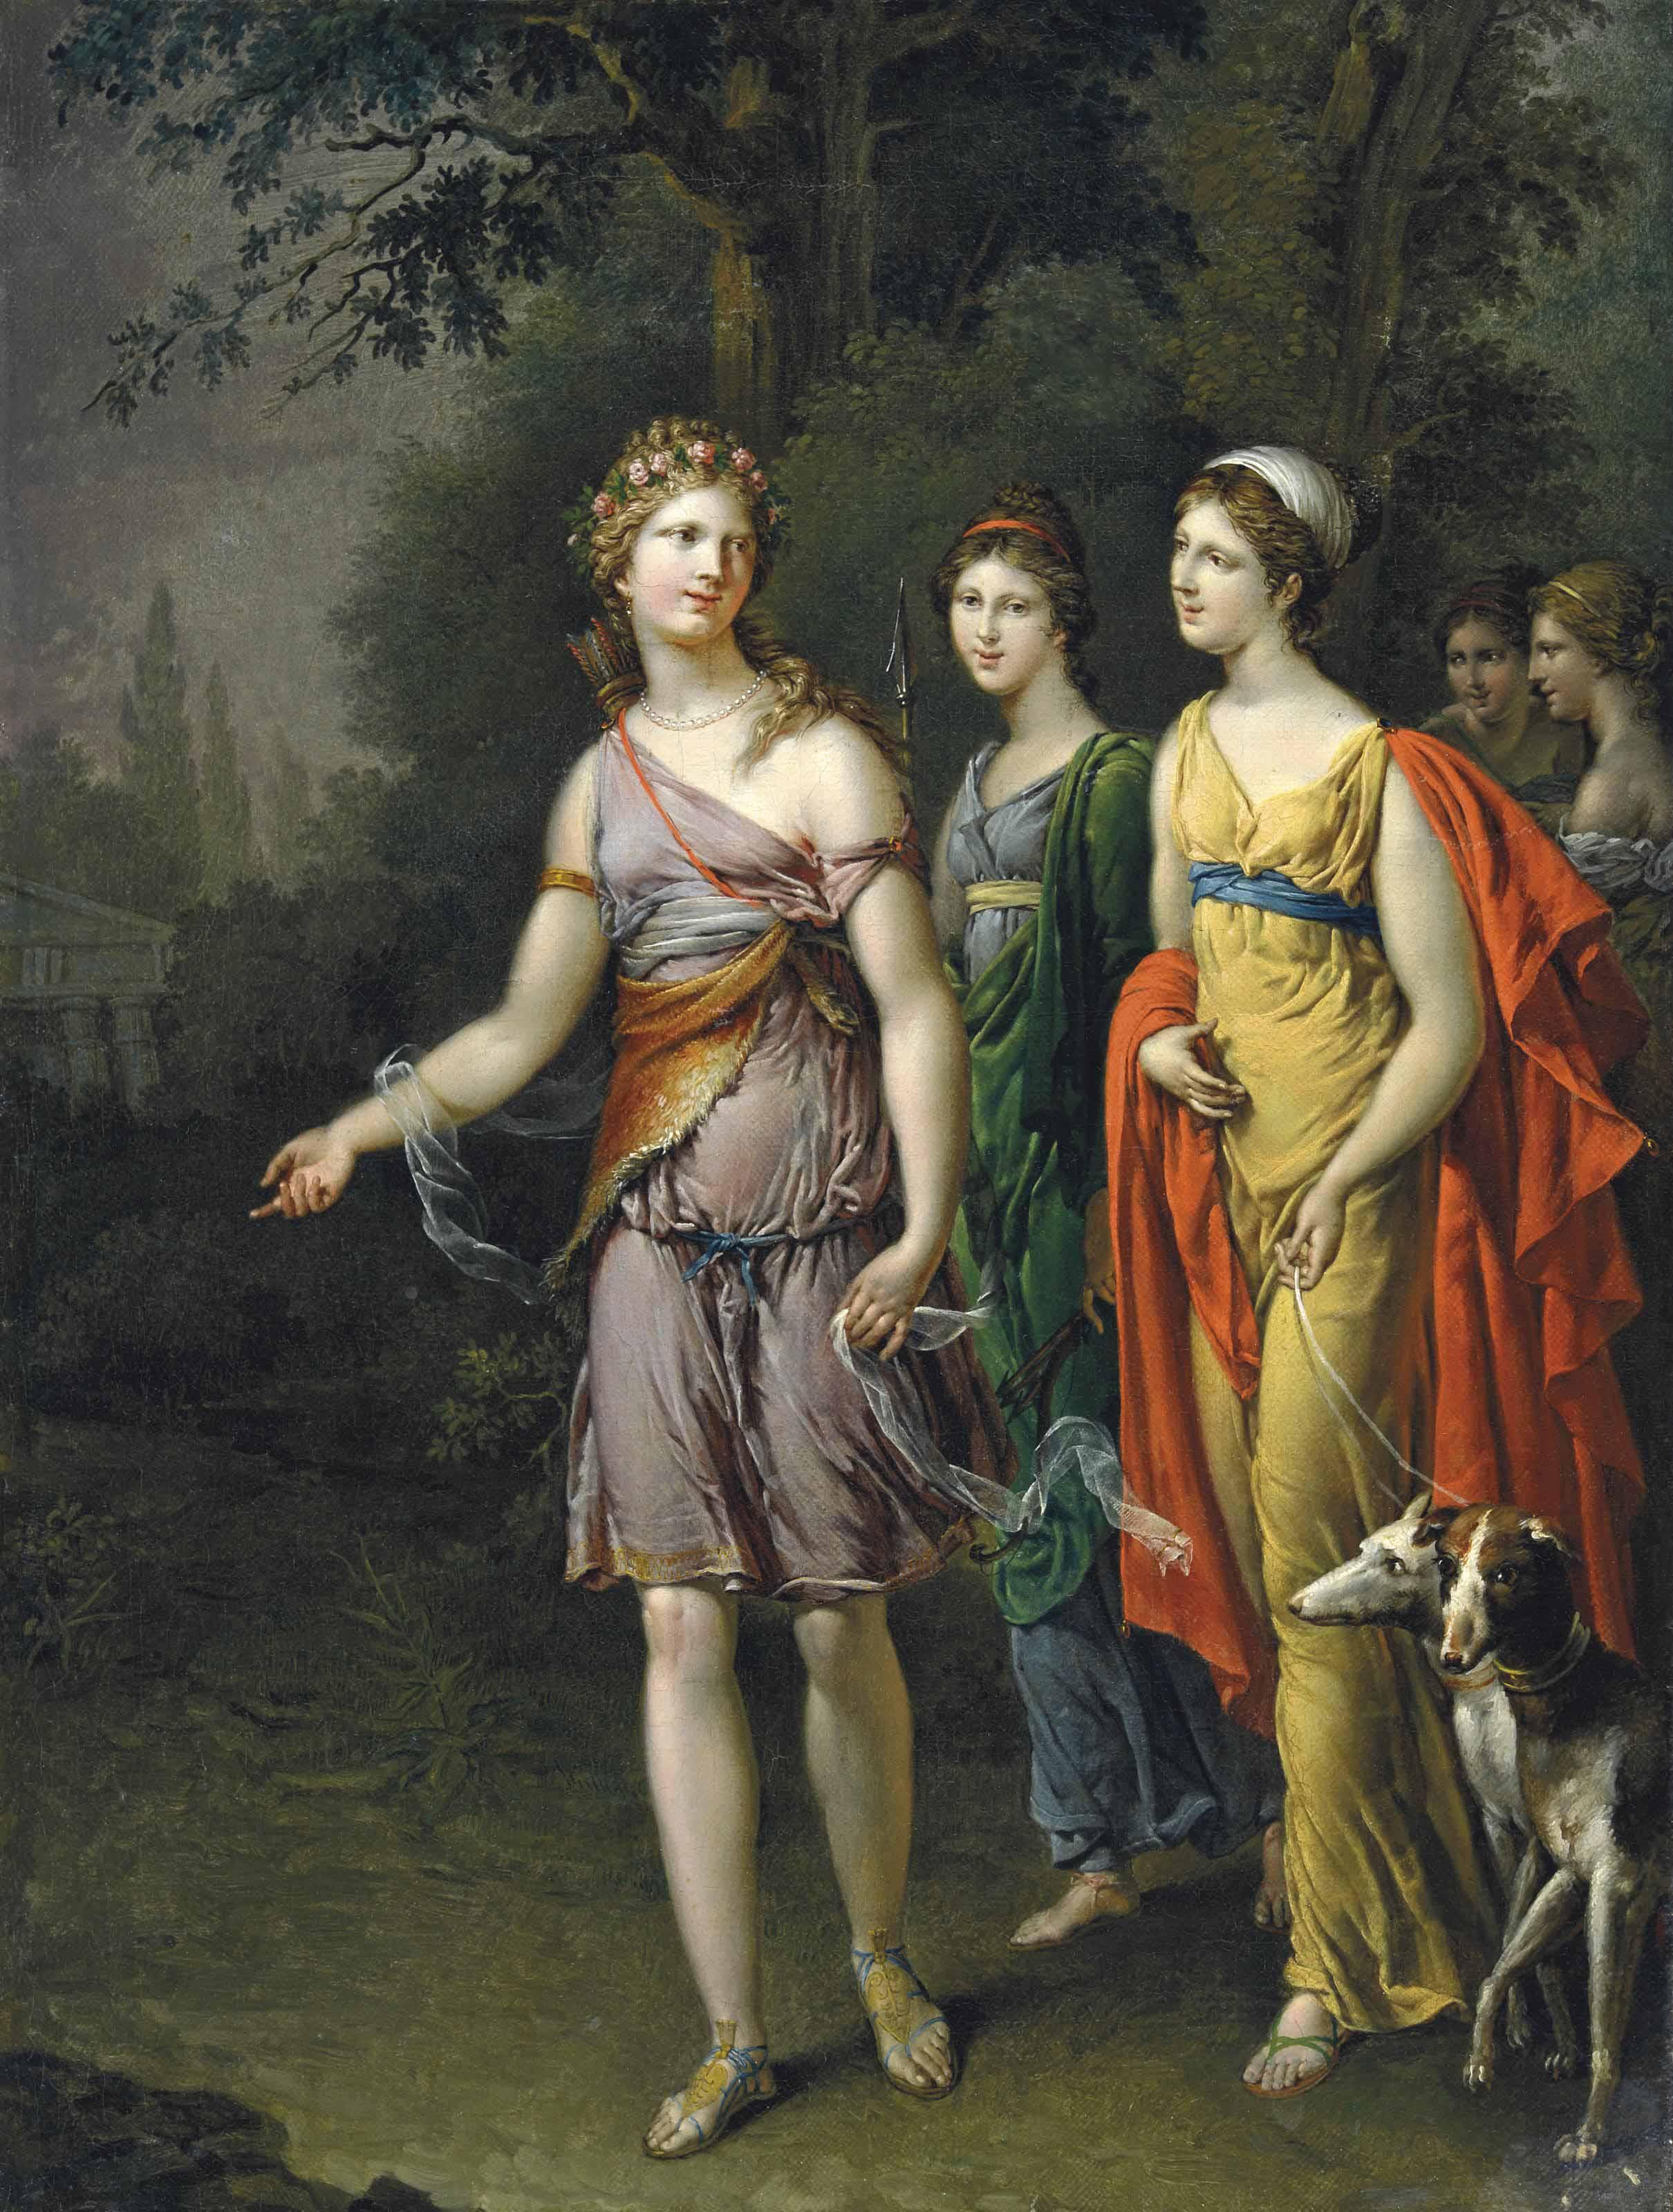 Diane et ses compagnes